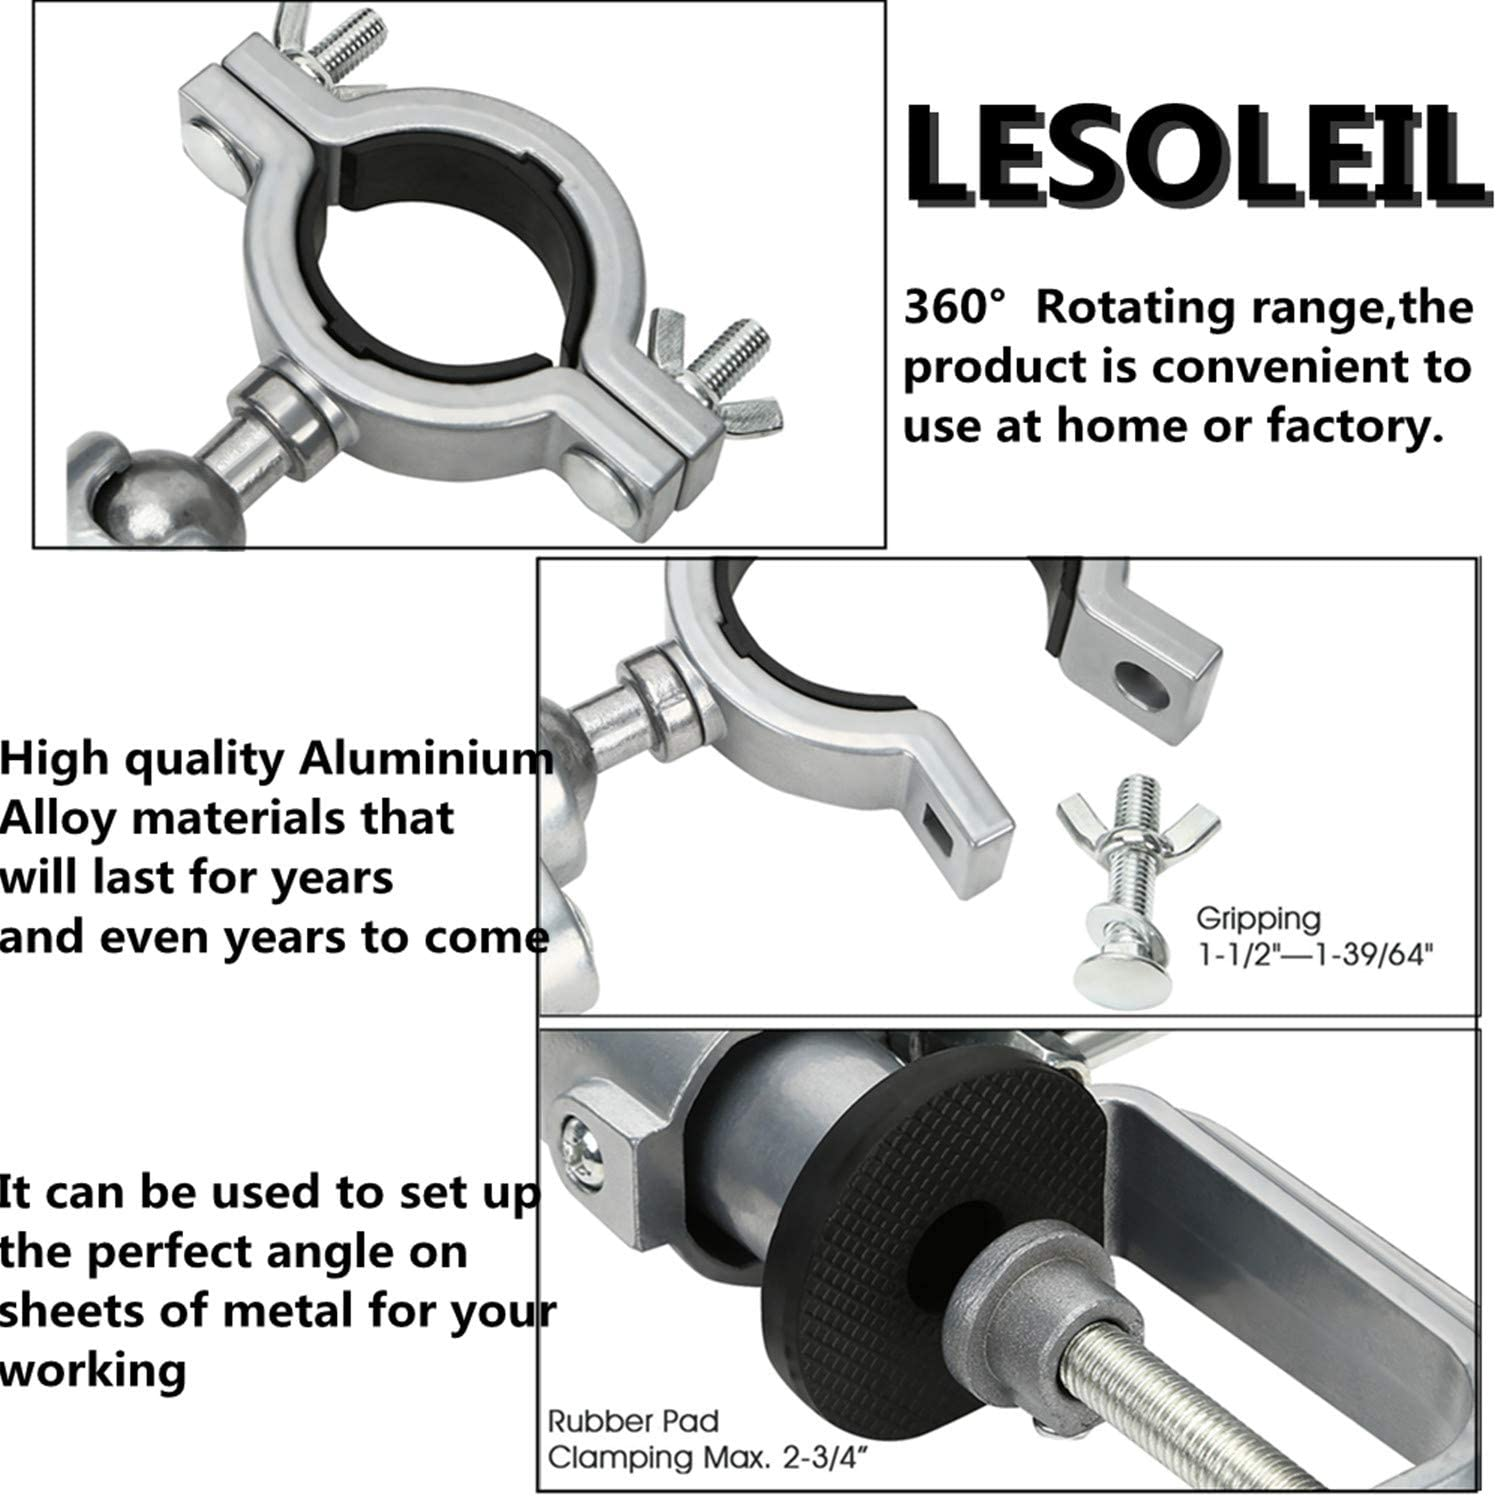 LESOLEIL 10mm-45mm Titane Enduit HSS Acier Spiral Rainur/é /Étape C/ône Foret Tr/épan Coupe pour Aluminium Cuivre Acier Inoxydable